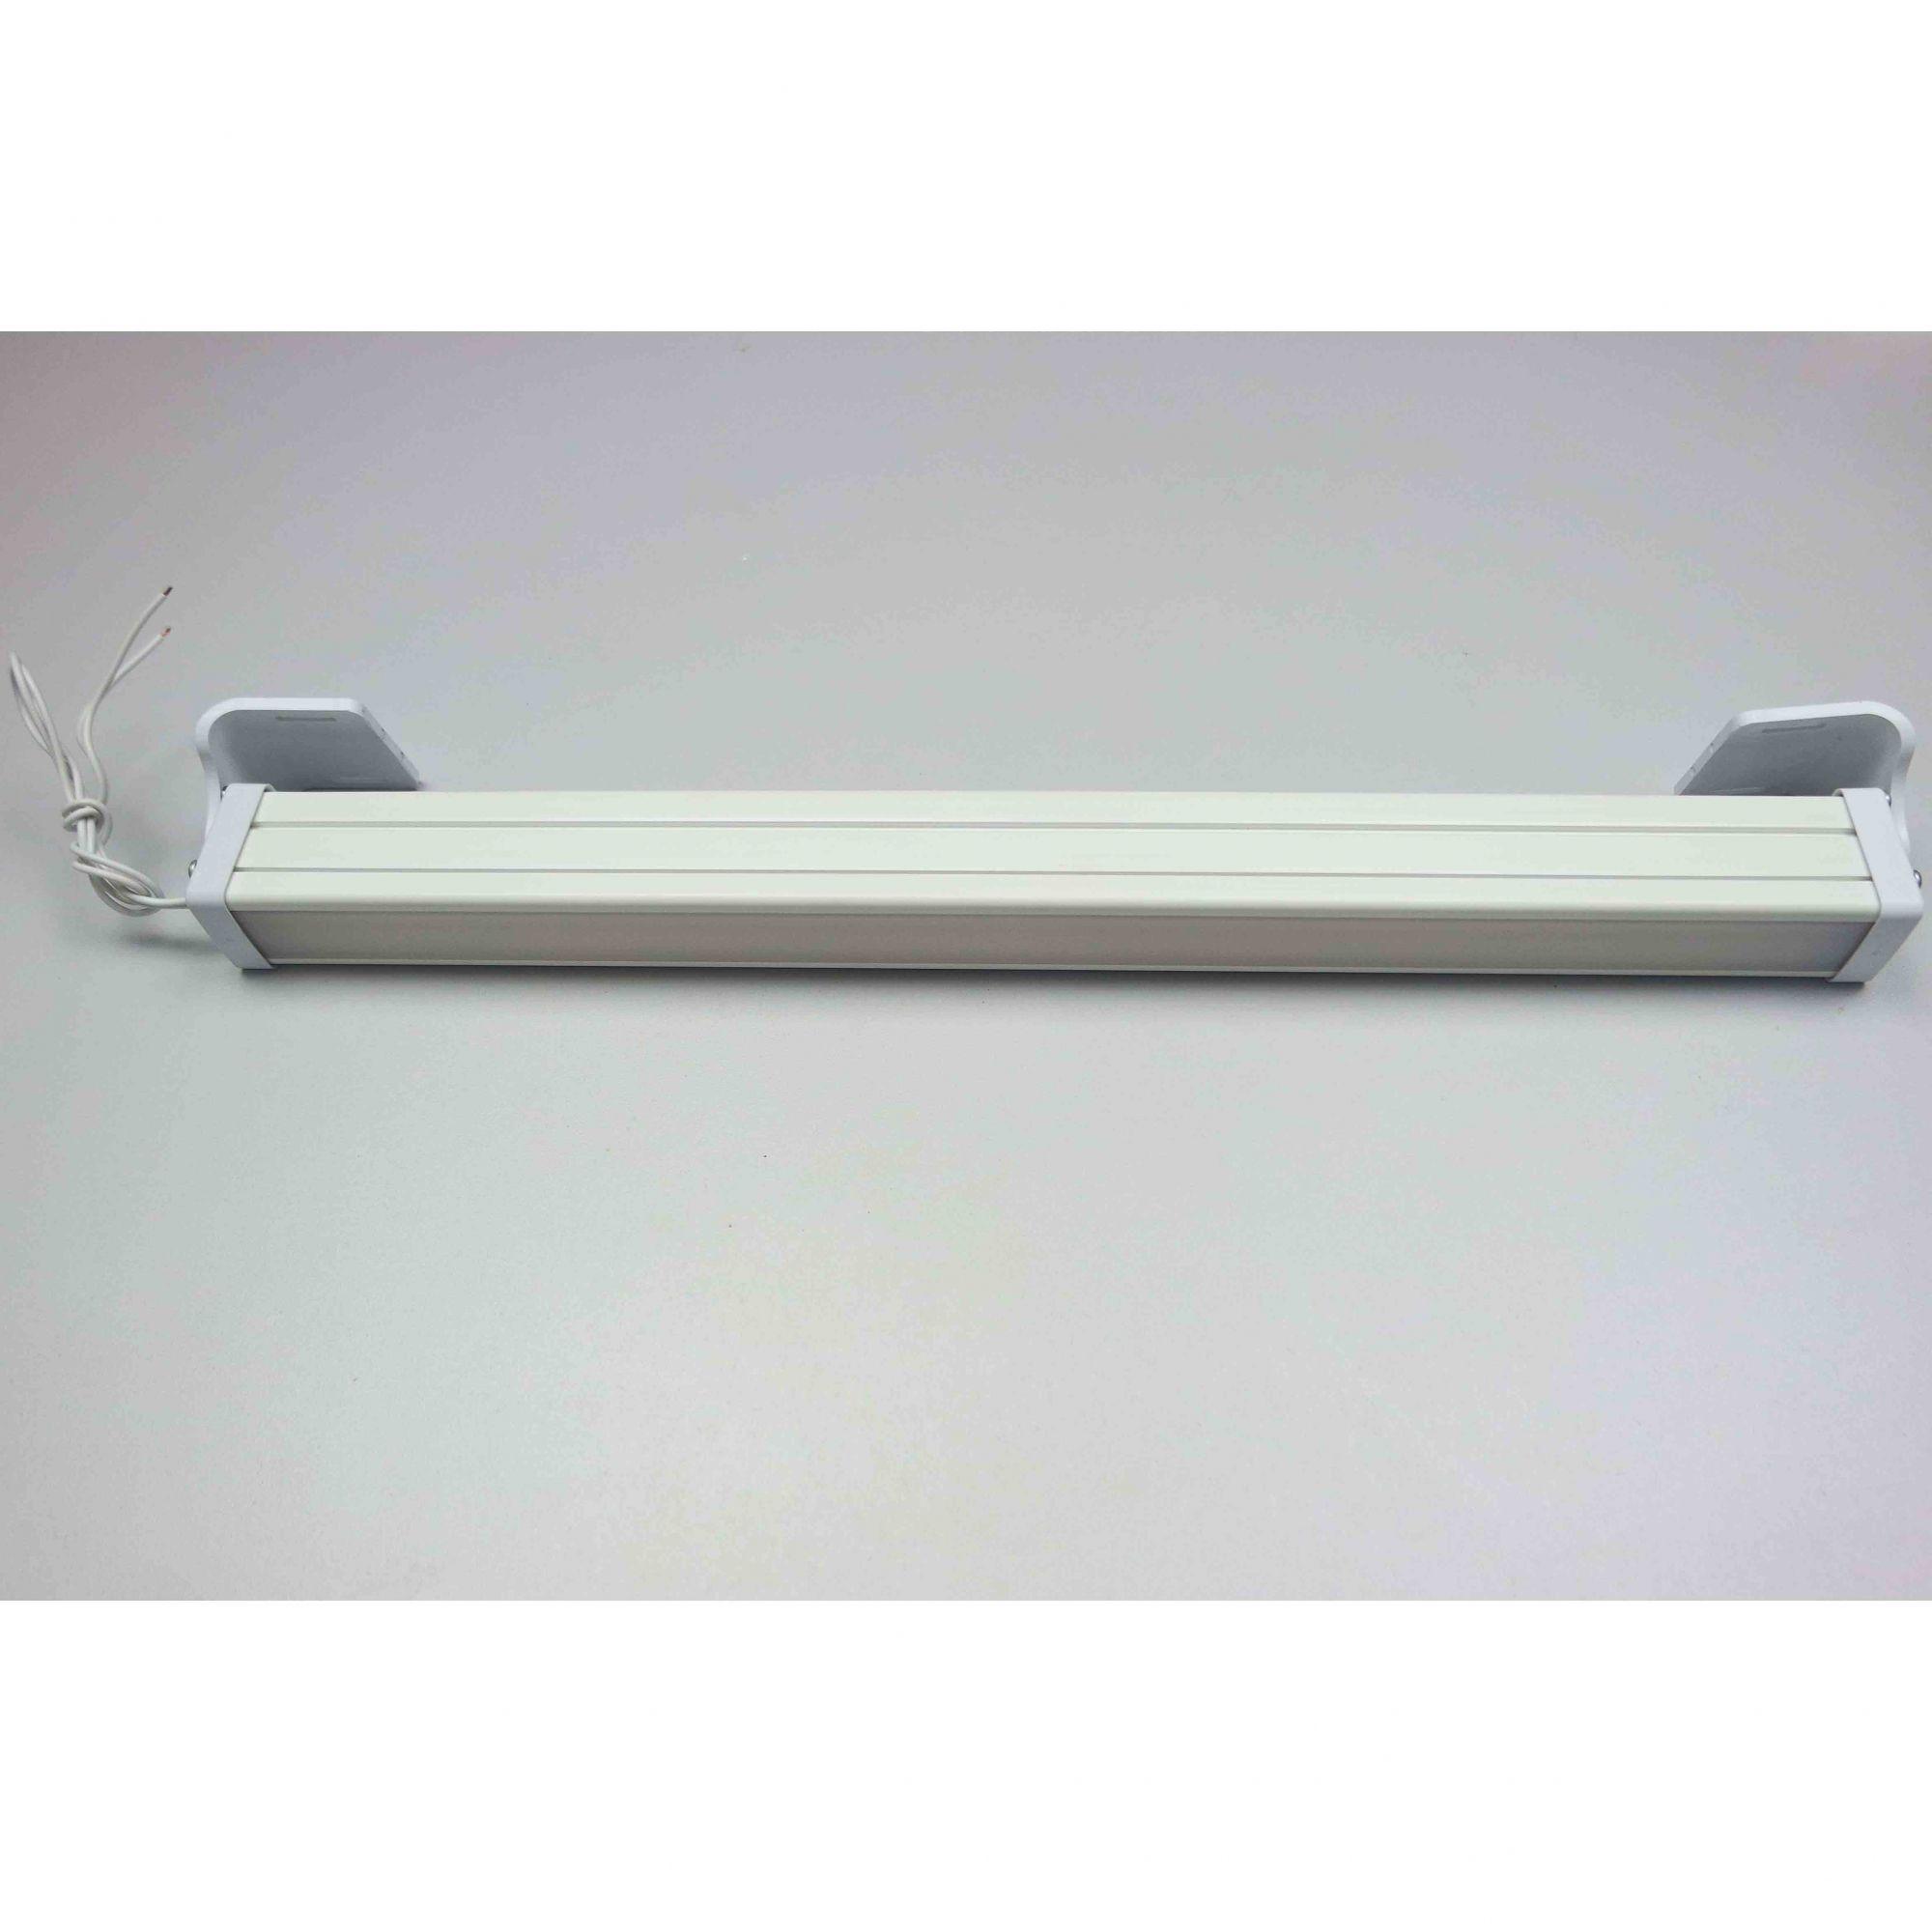 luminária 10W biv IP65 frio 5700K